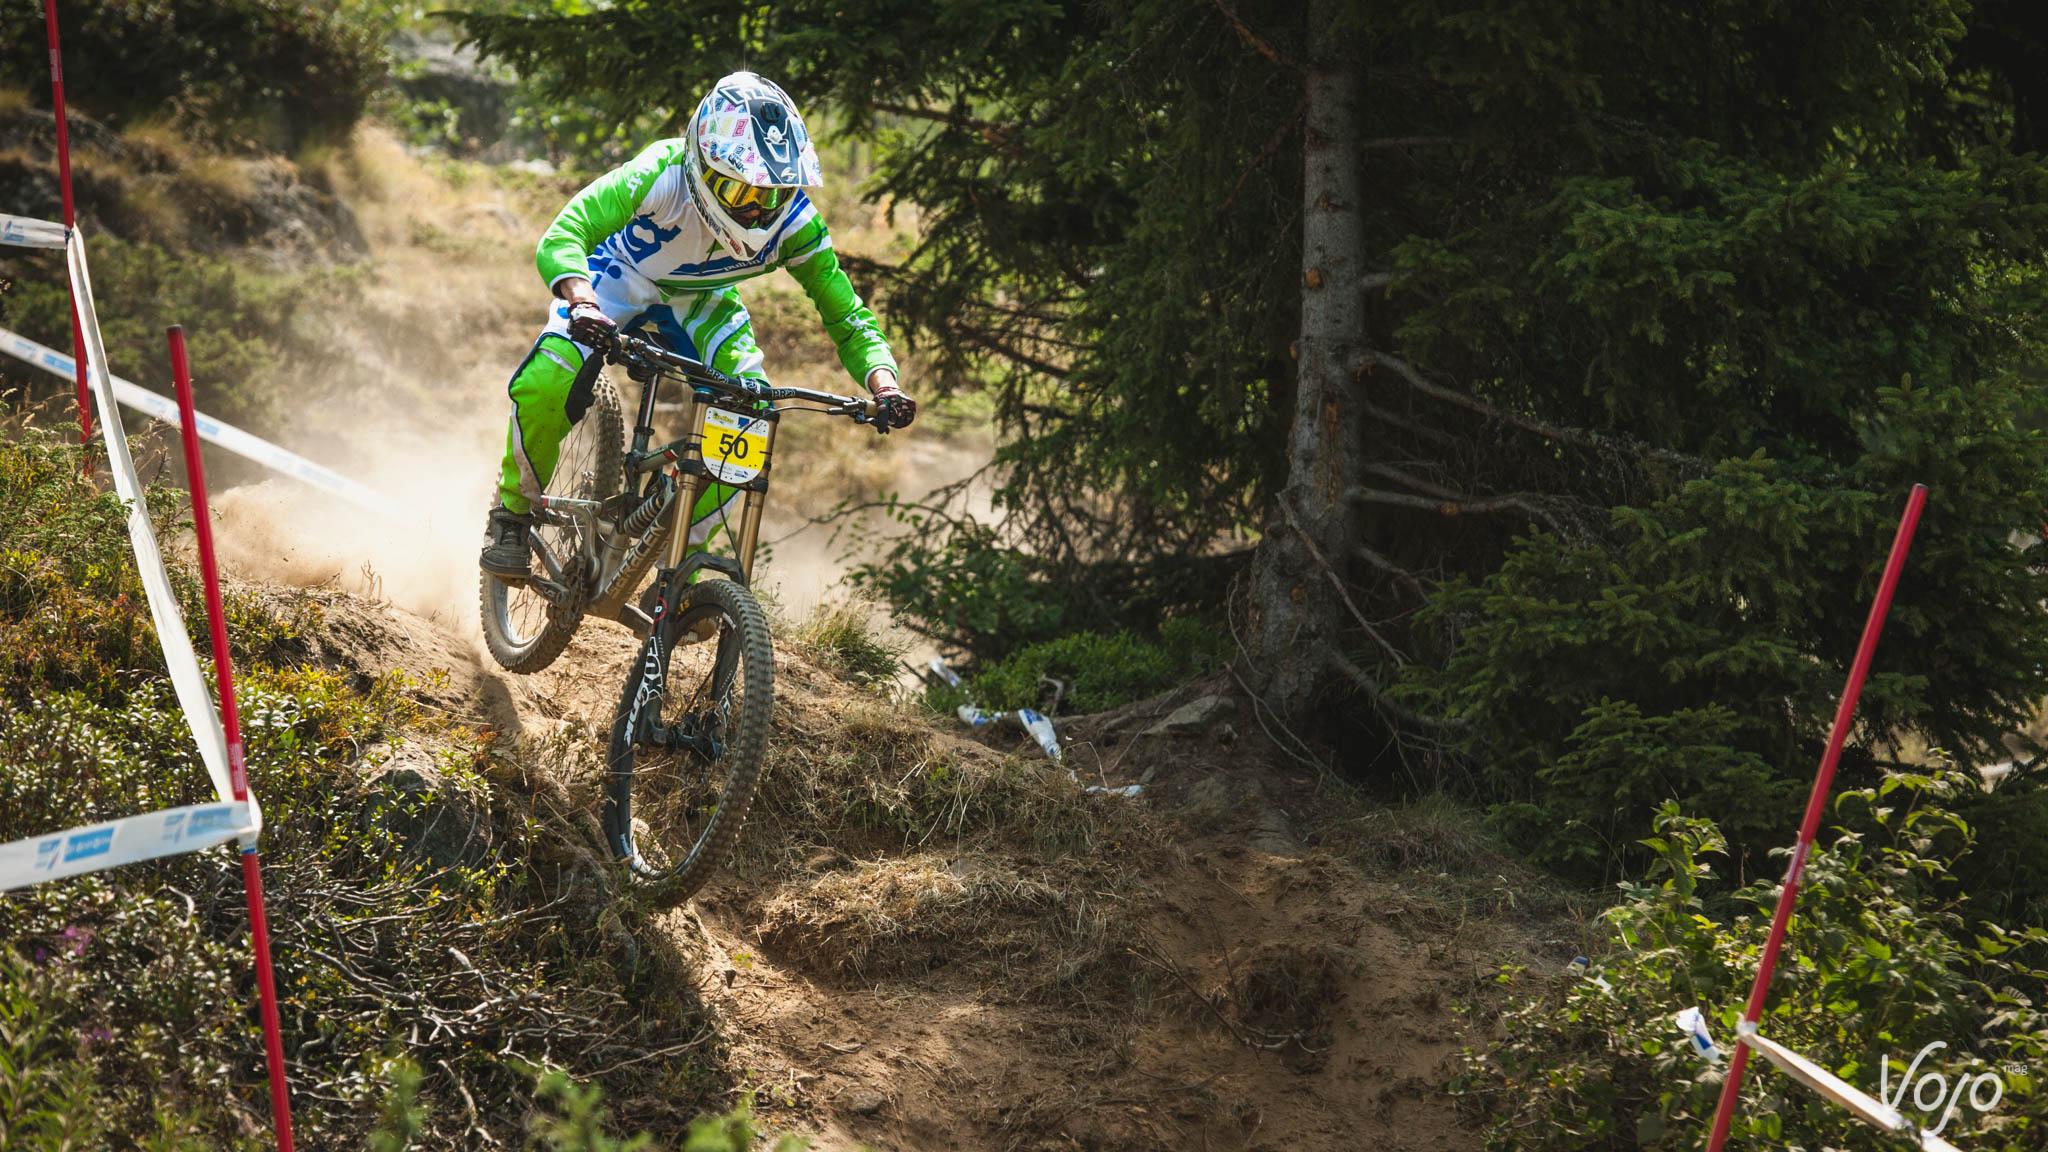 Championnats-de-france-2015-Oz-DH-finale-36